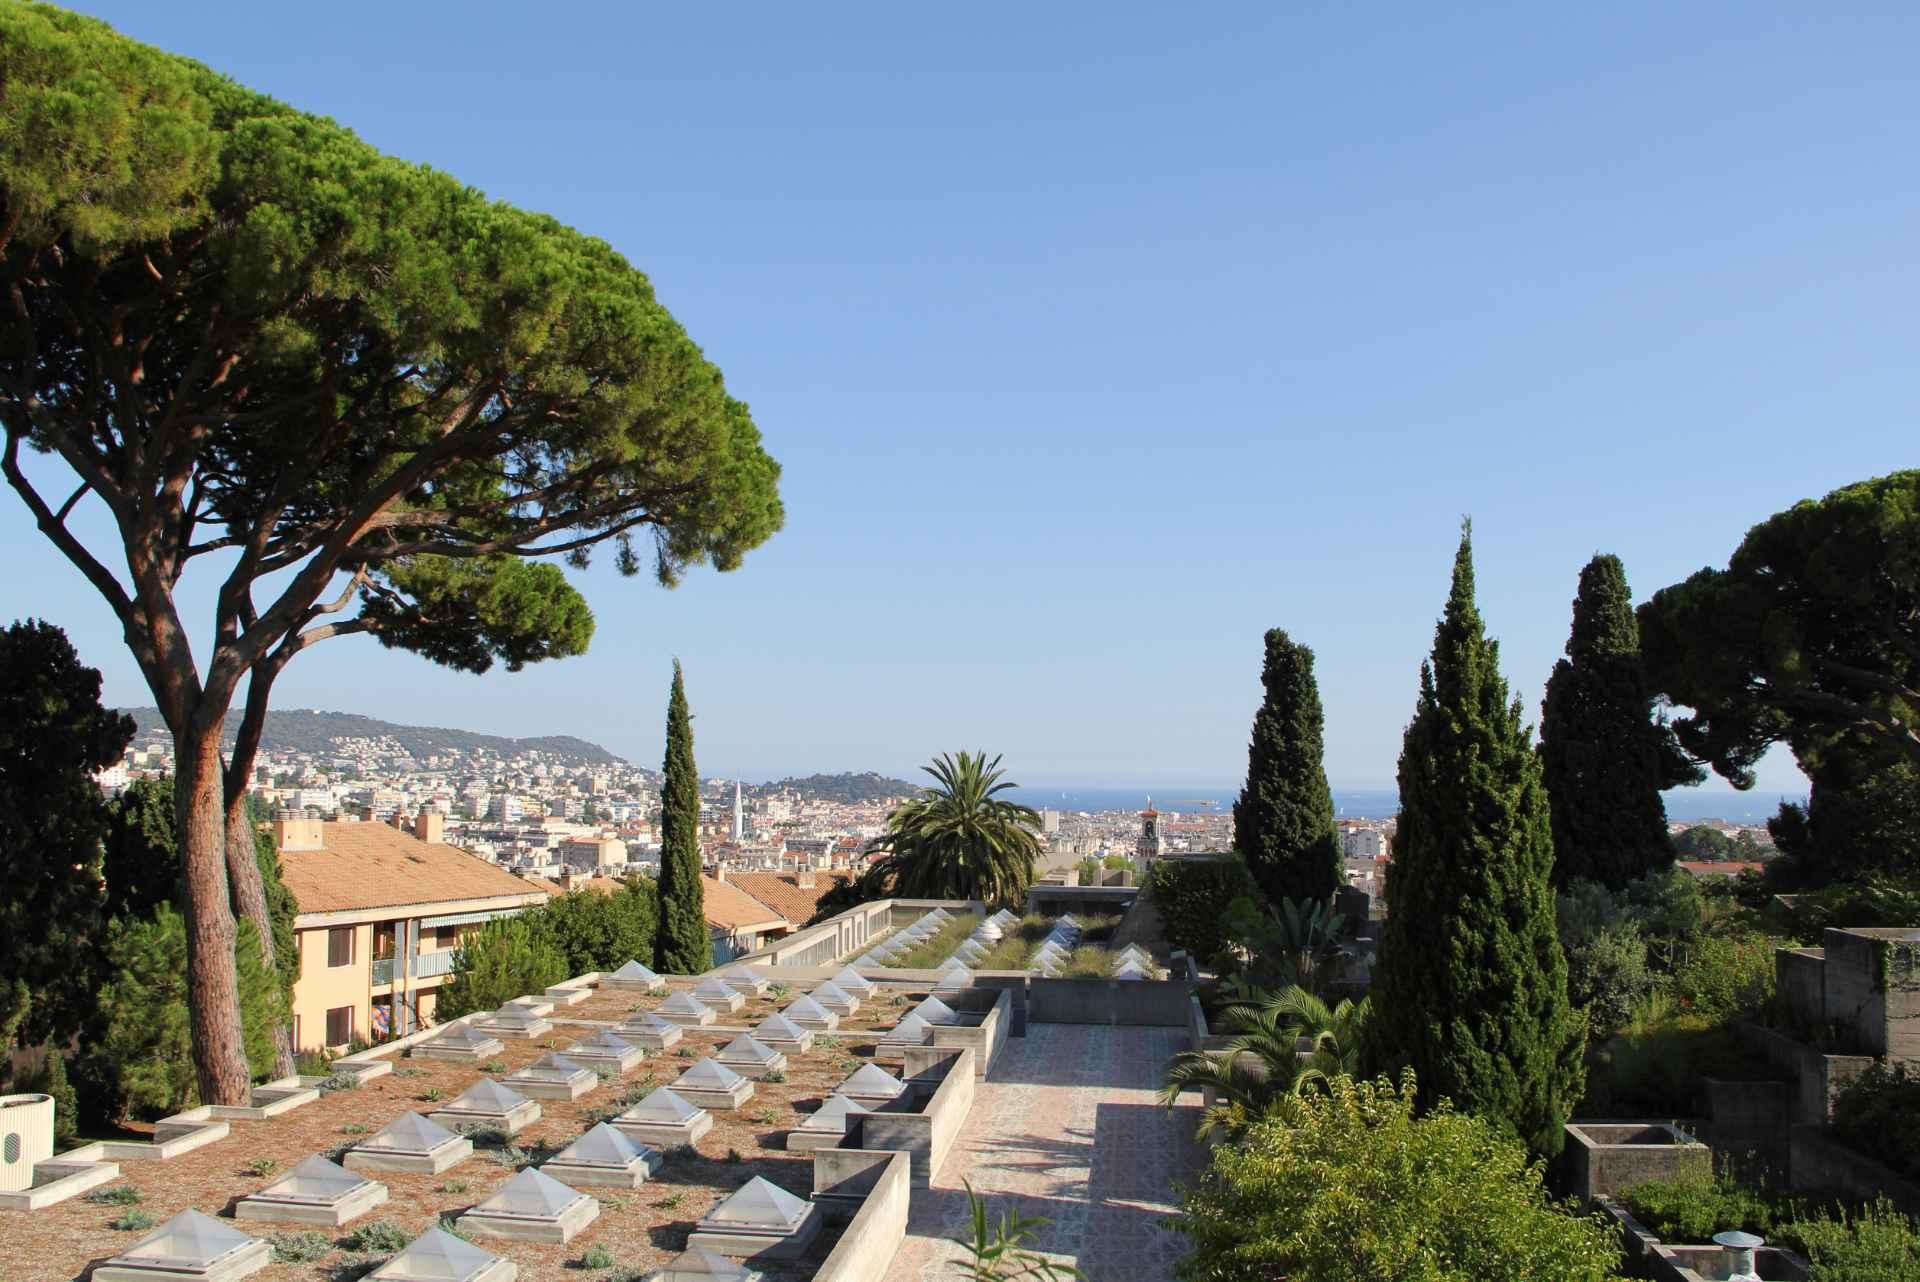 trees-on-hilltop-overlooking-city-villa-arson-art-gallery